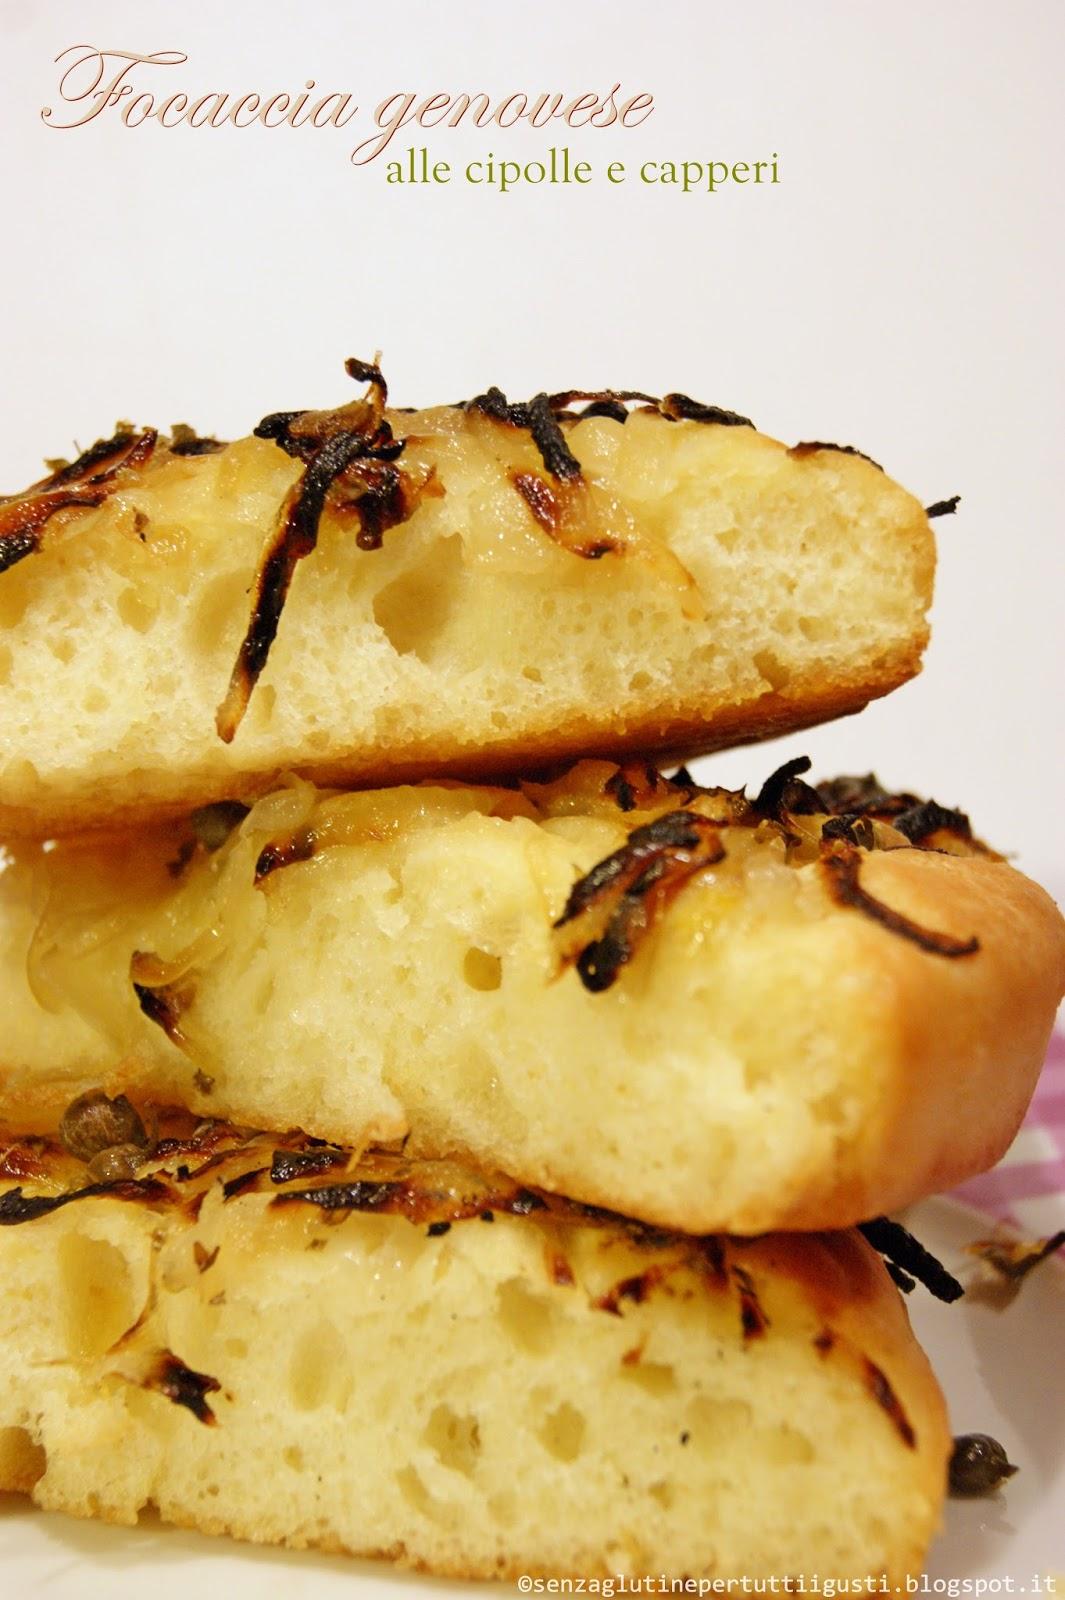 focaccia genovese alle cipolle e capperi con lievito madre senza glutine